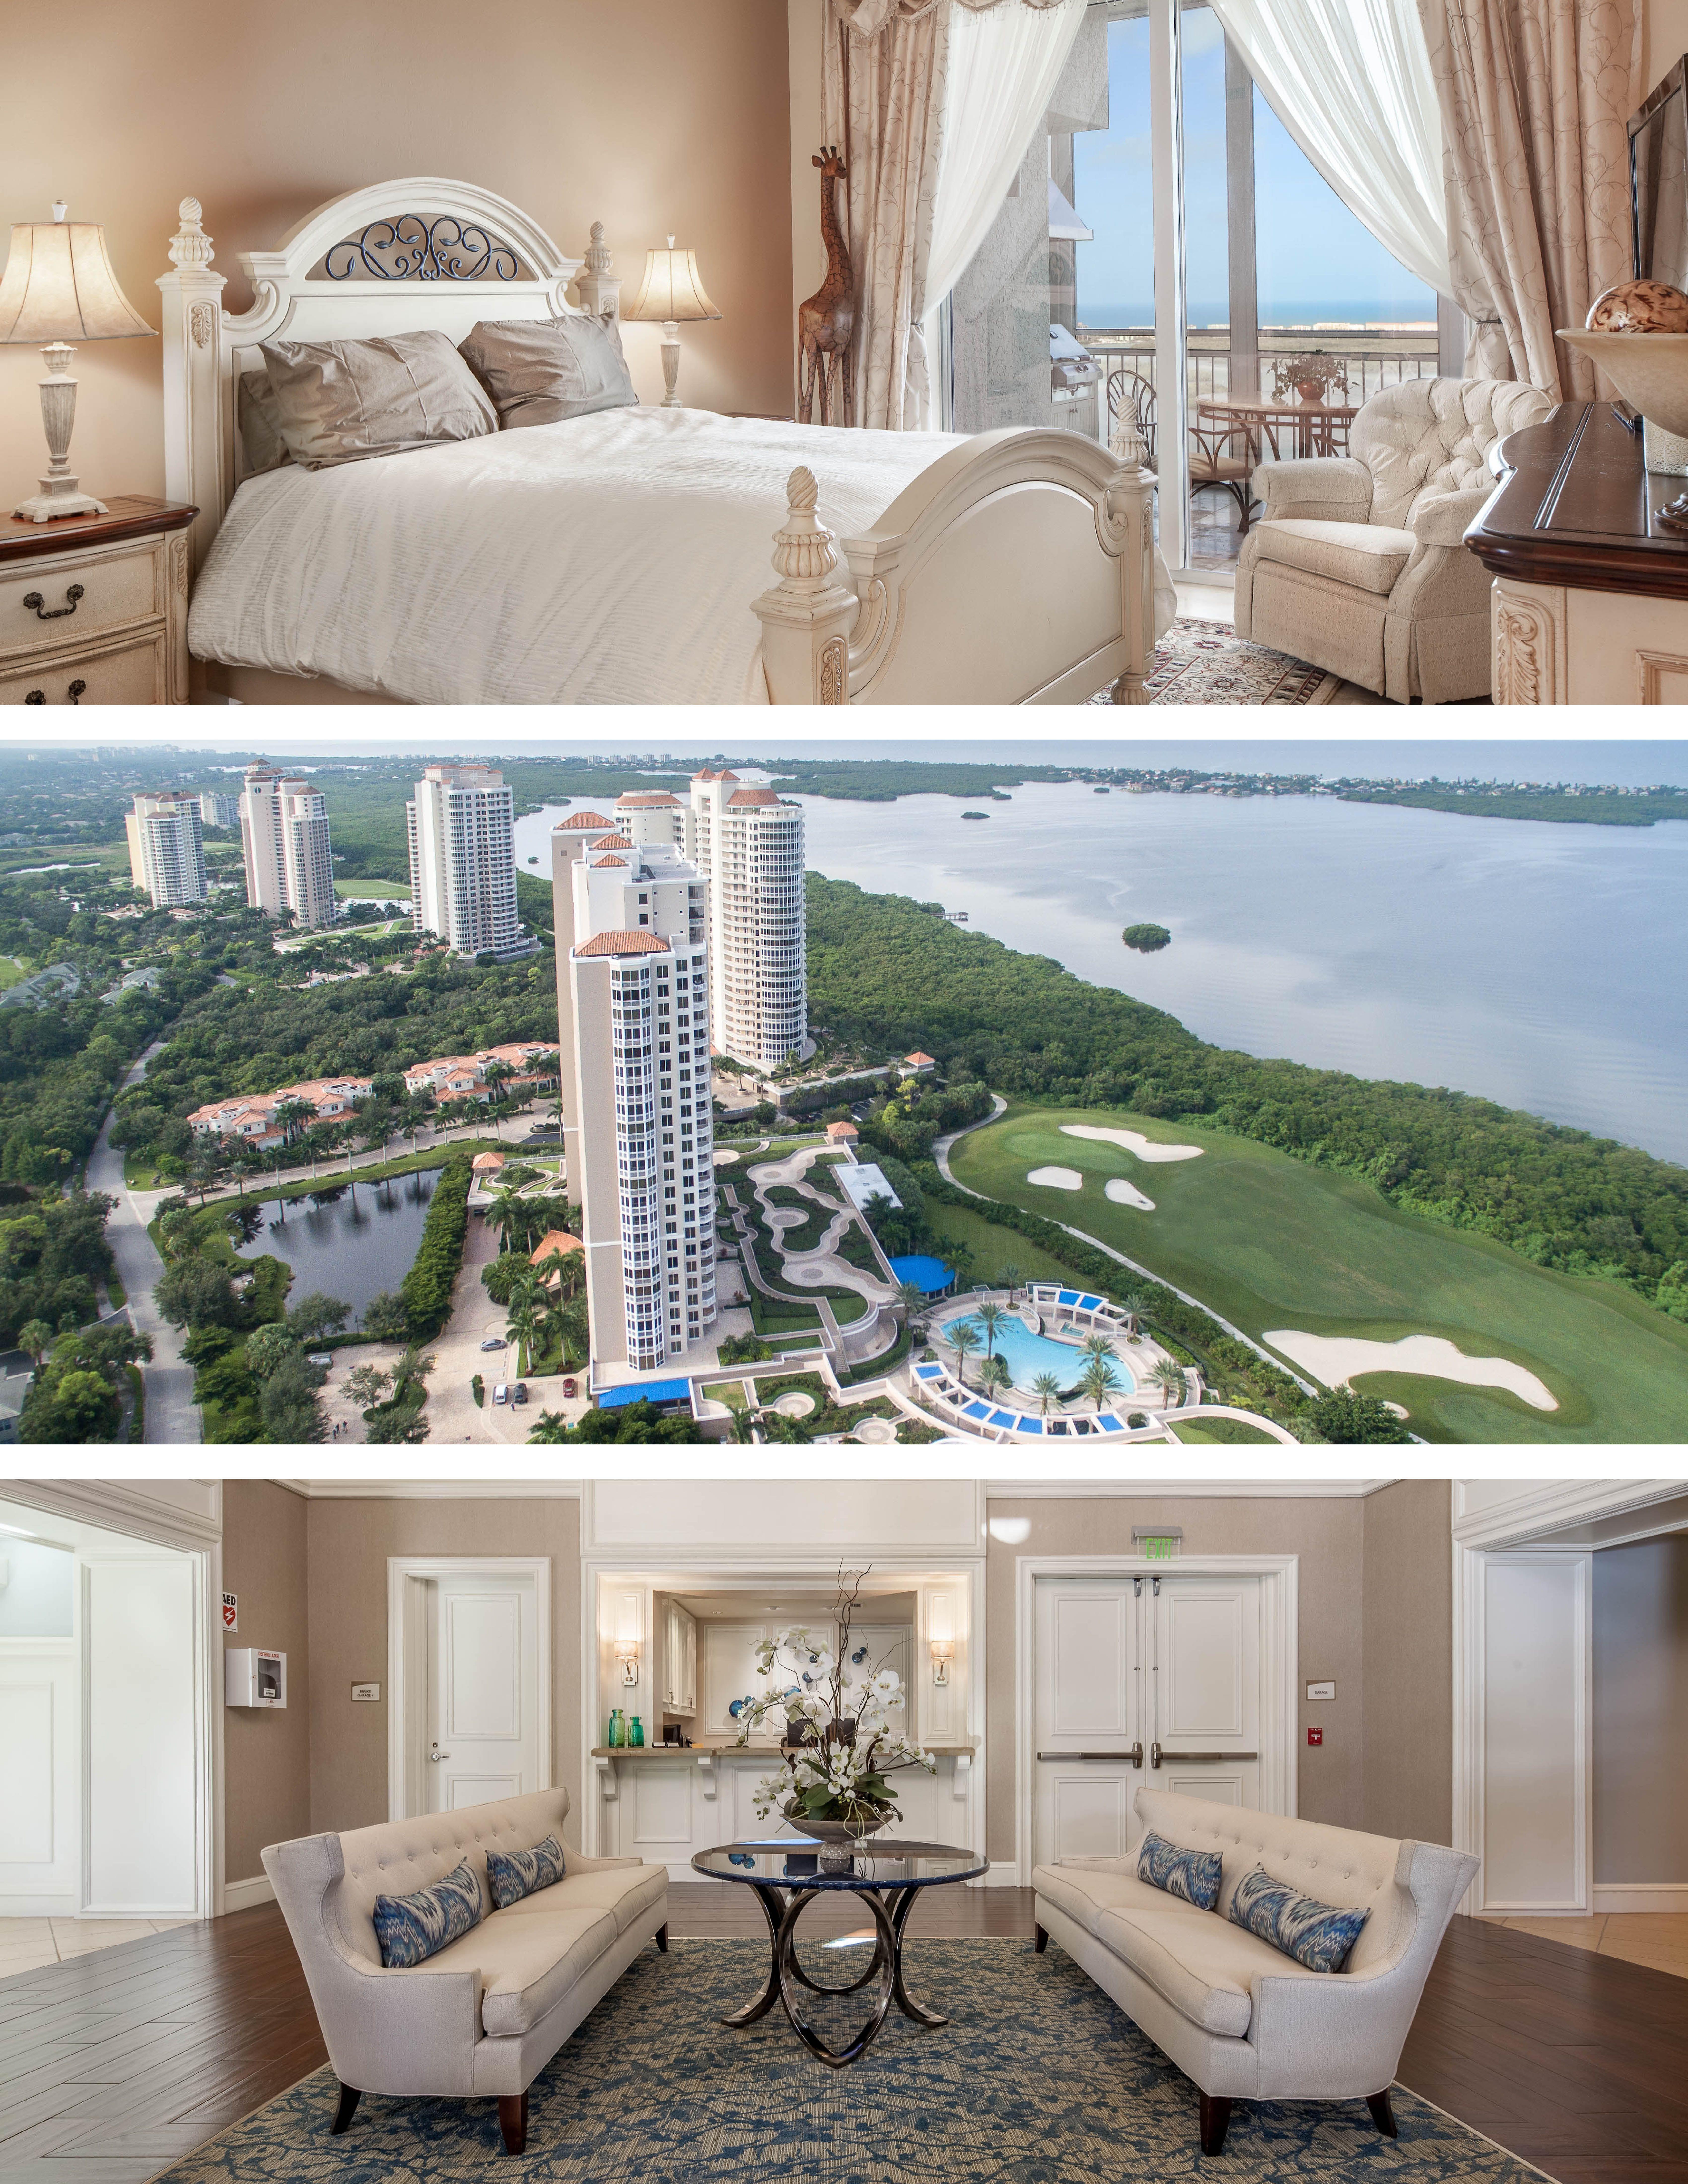 City Beautiful hotels, Beachfront property, Hotel